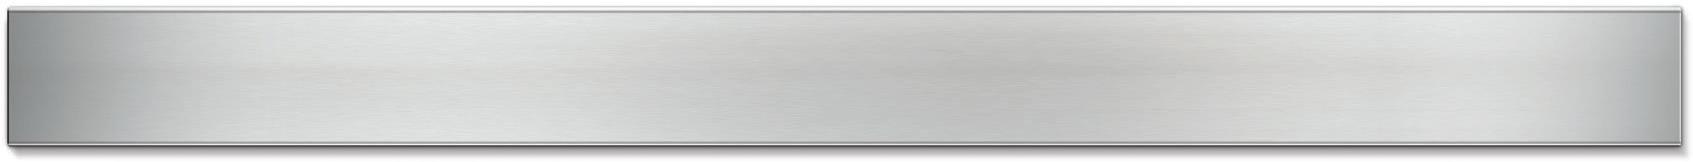 Водоотводящие желоба с рамкой из нерж. стали - klassic-reshetka-glyanets - miroslav-chudej-s-r-o - 350-x-415 - 1-7 - 1 - 200 - czech-republic